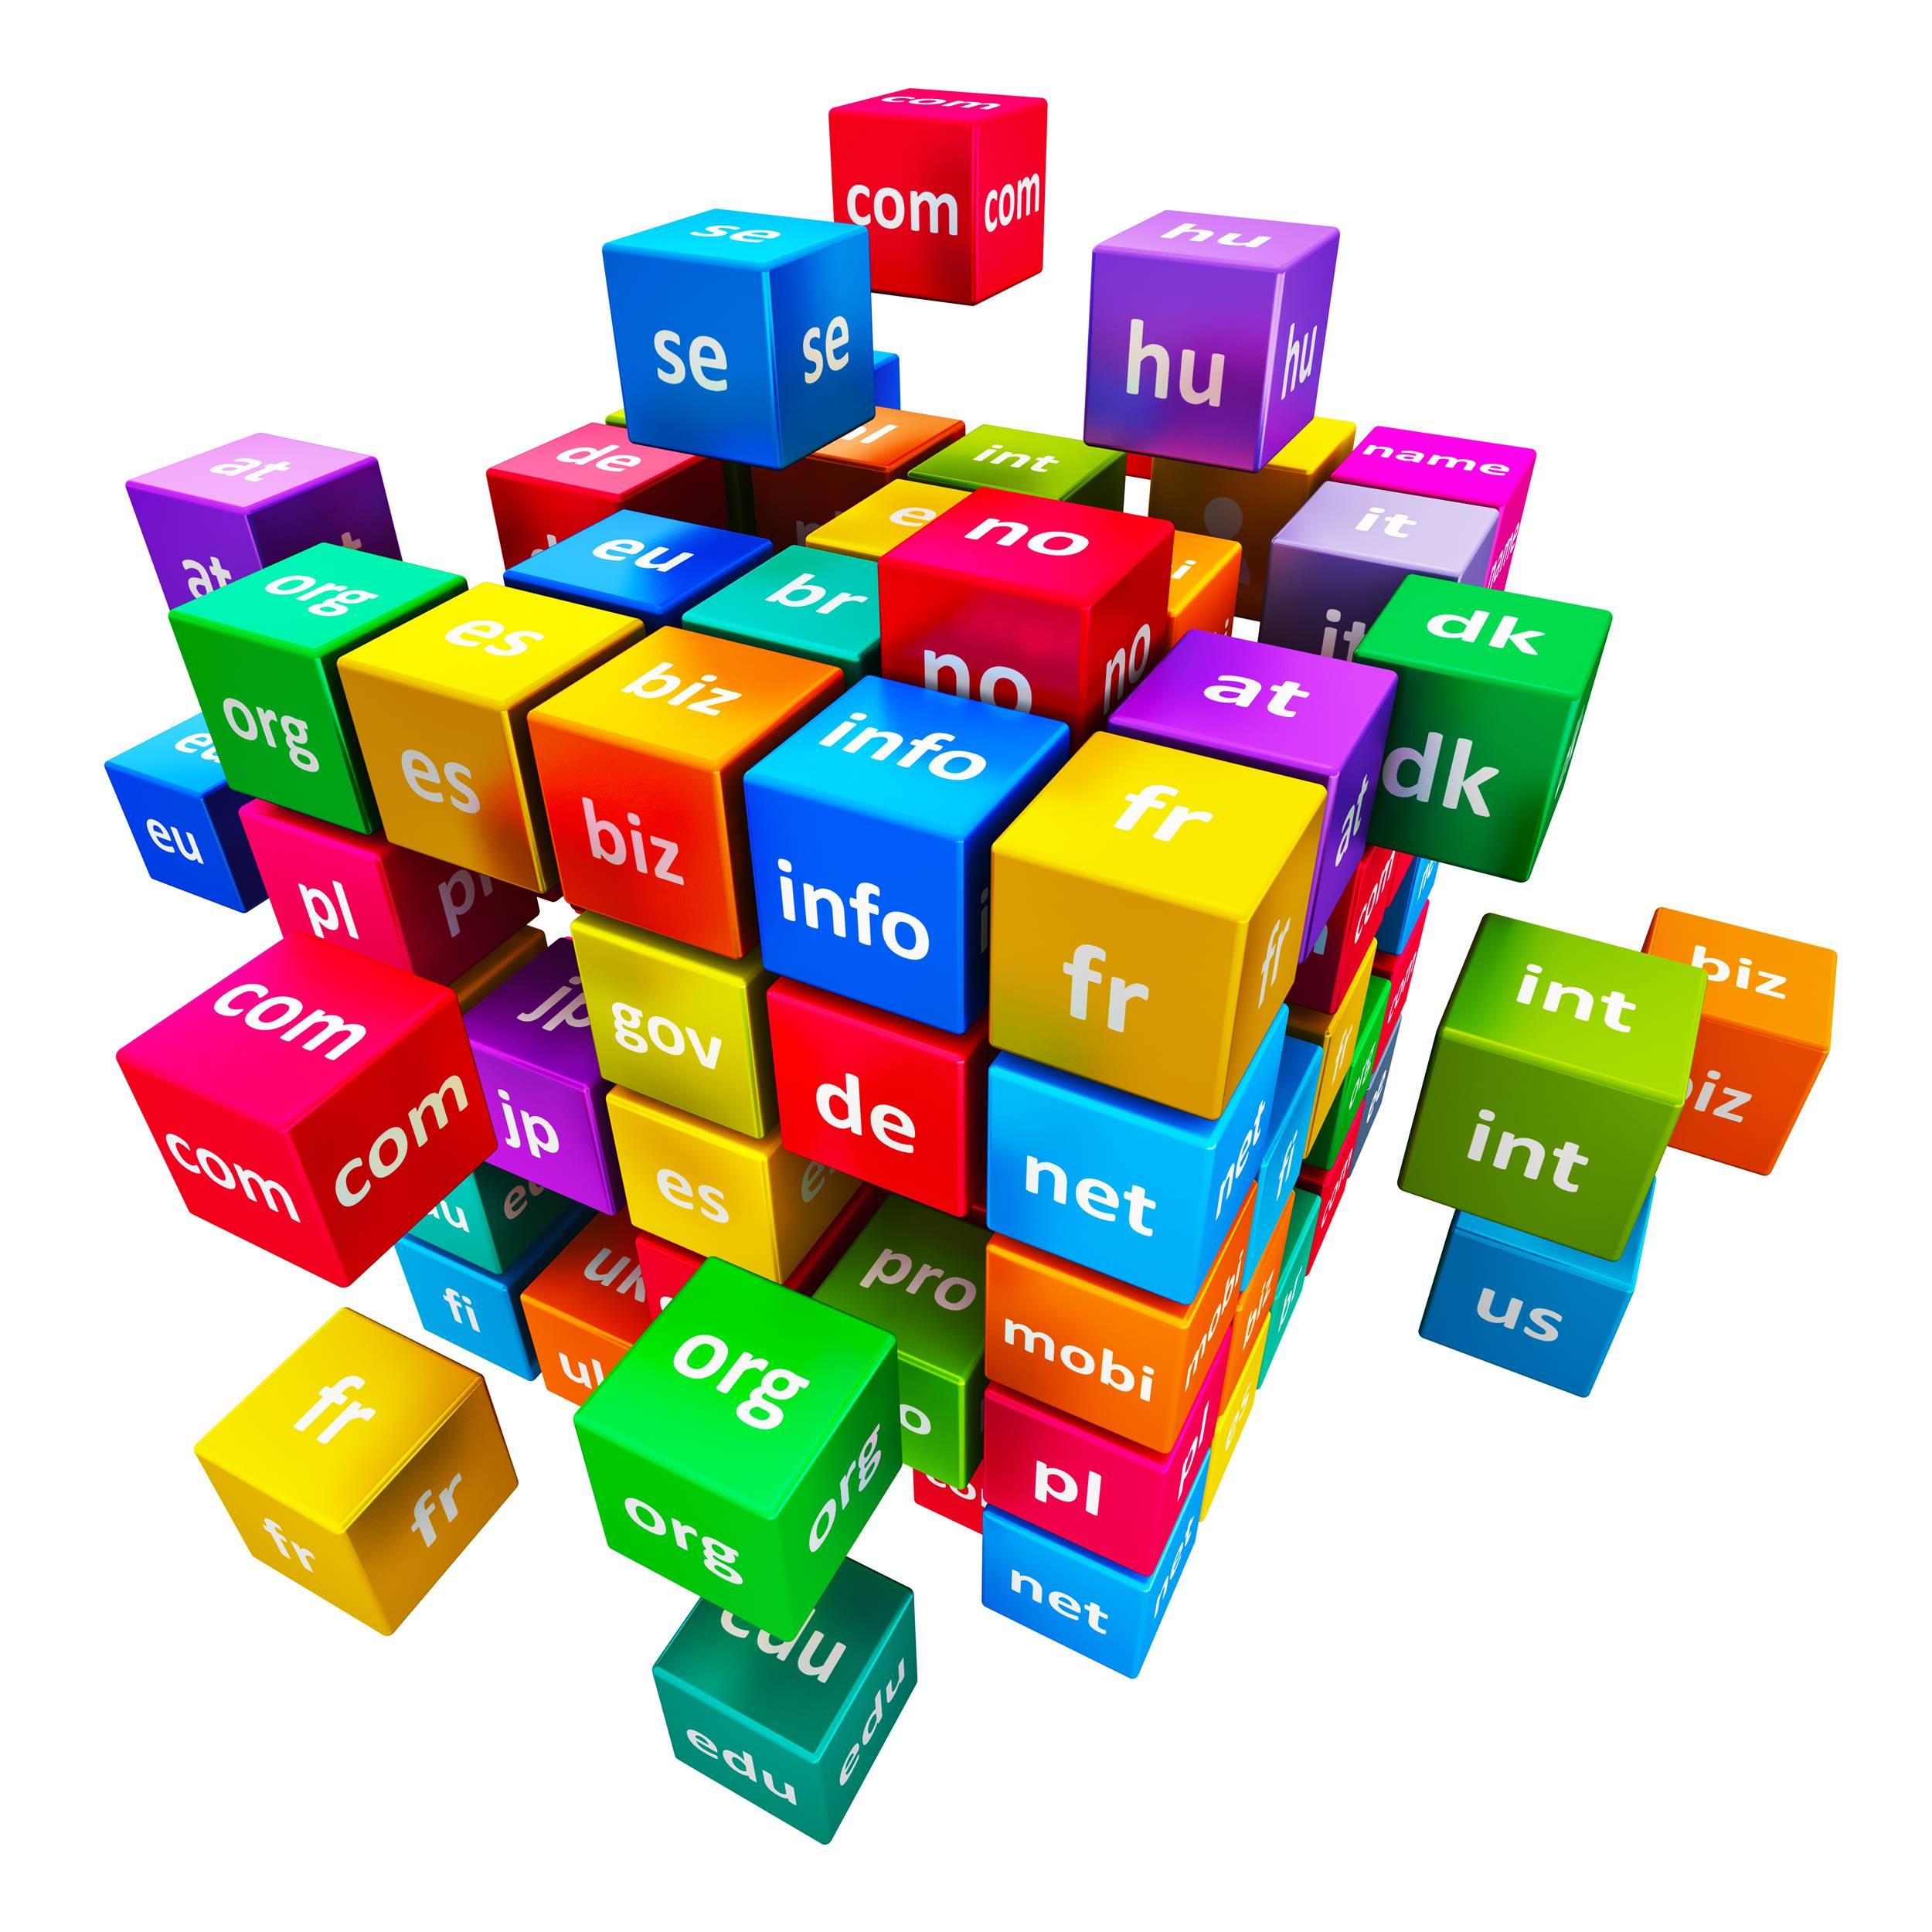 marché des noms de domaine